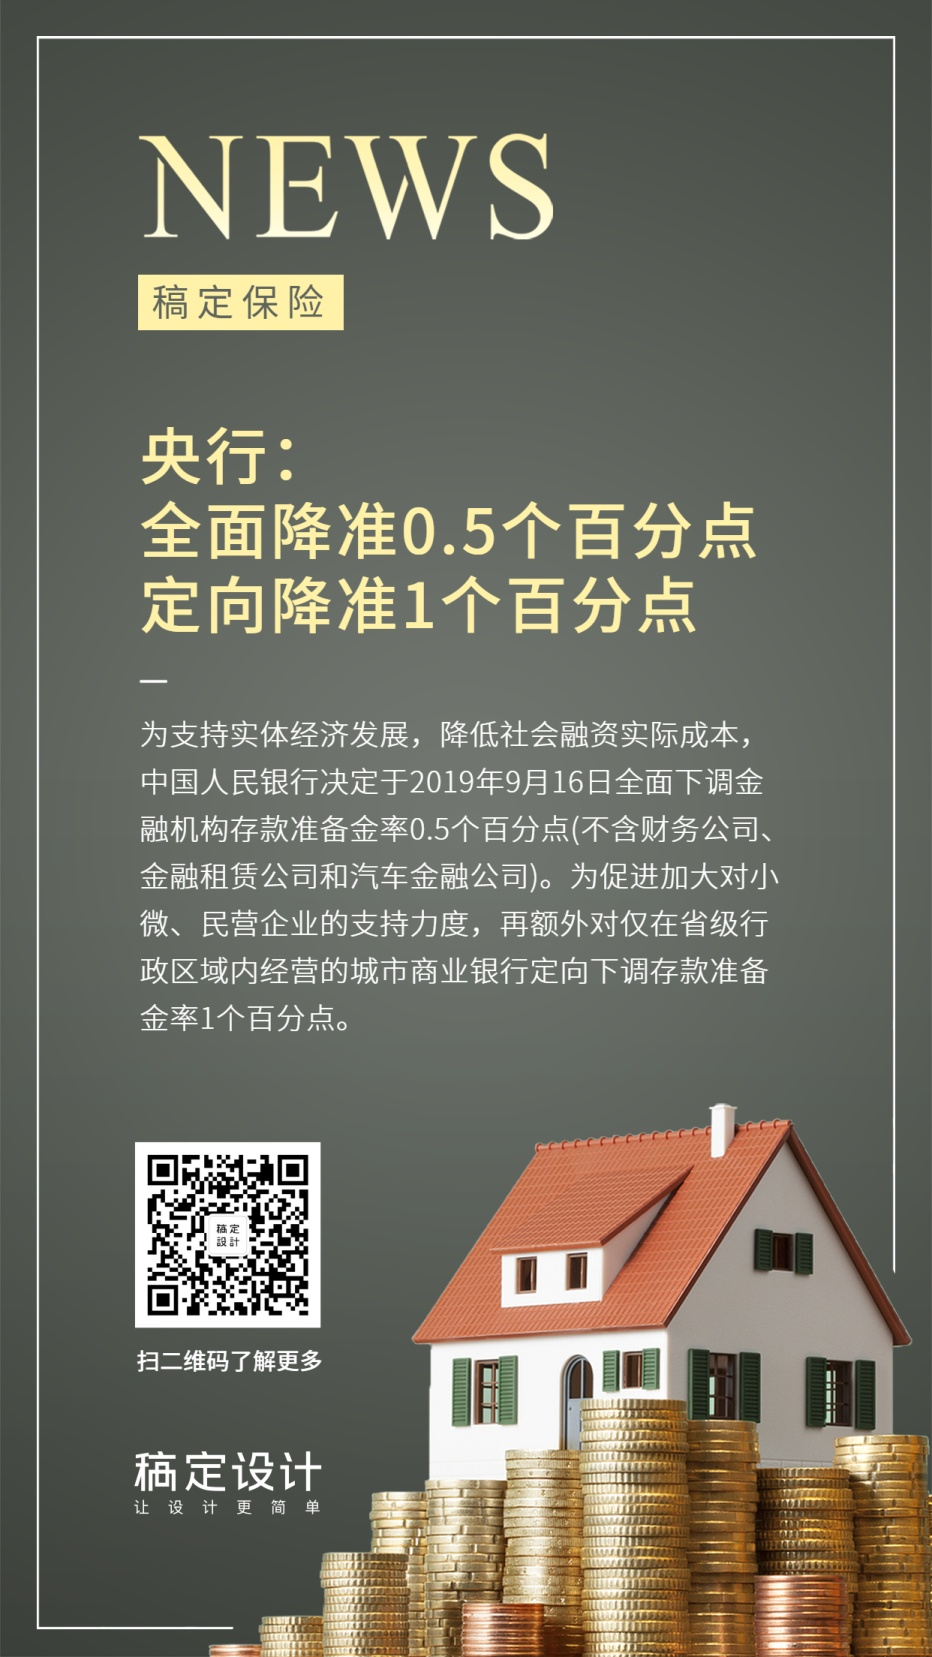 金融热点事件降息新闻手机海报